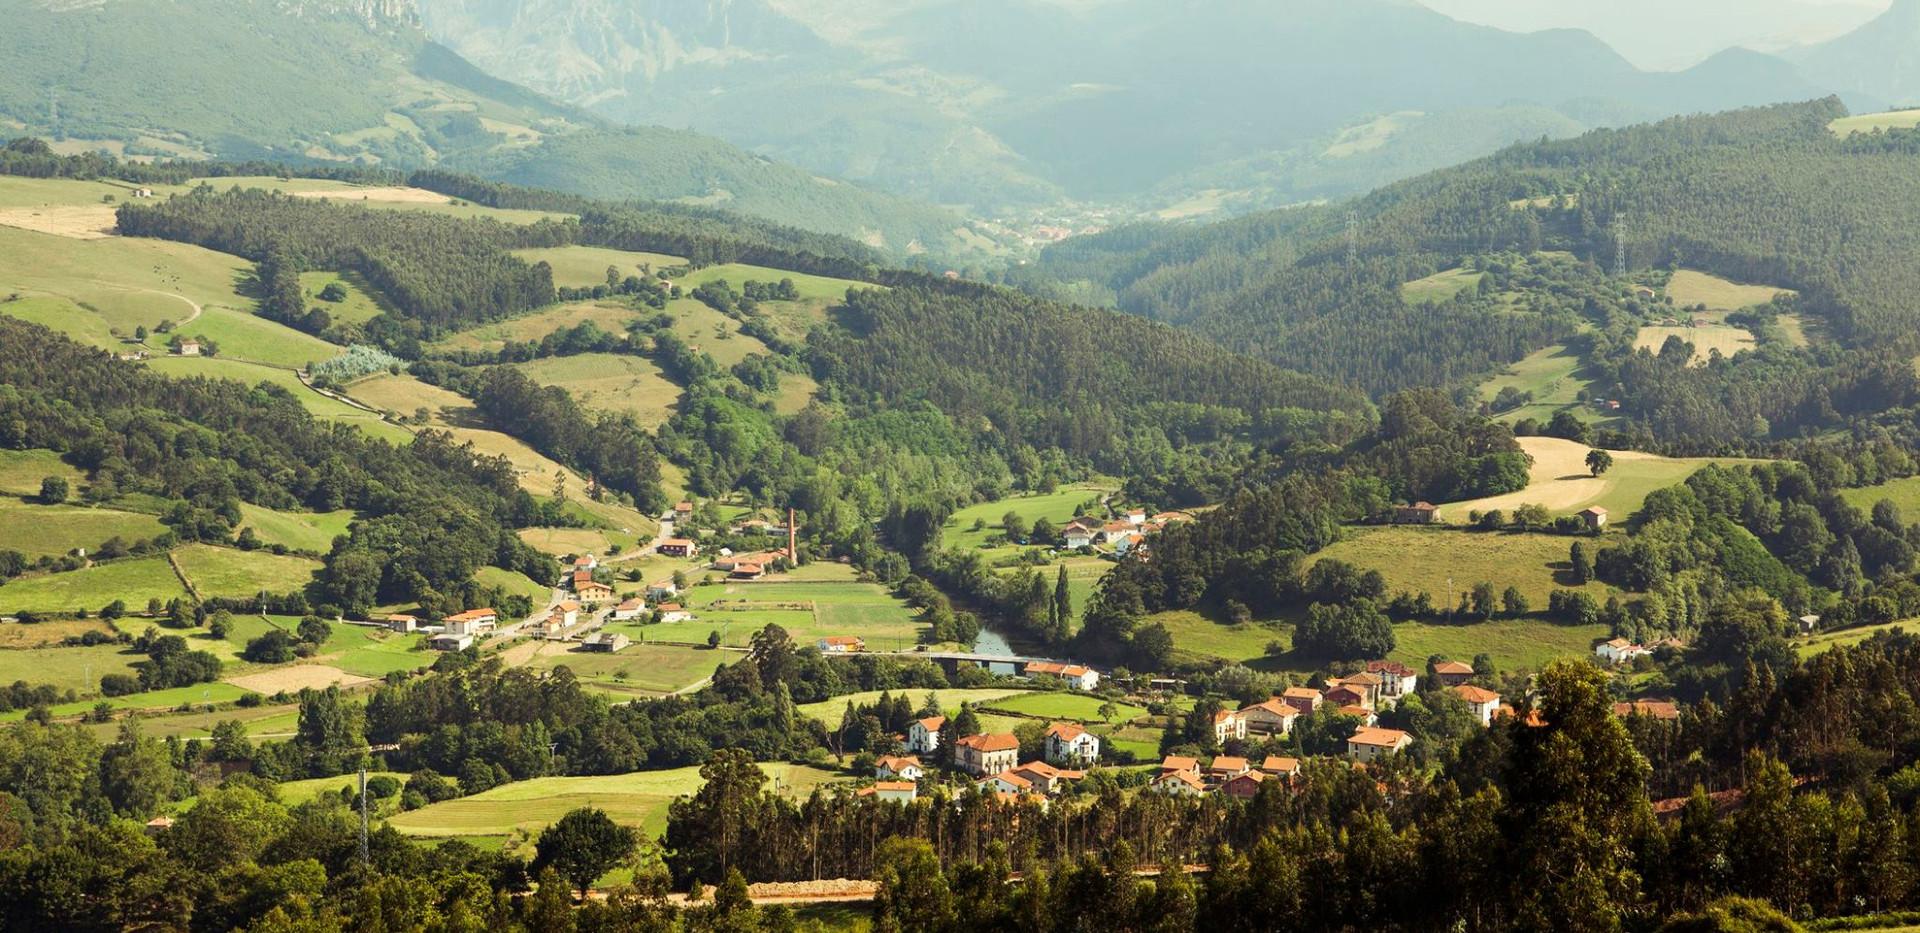 udsigt over Cantabrien